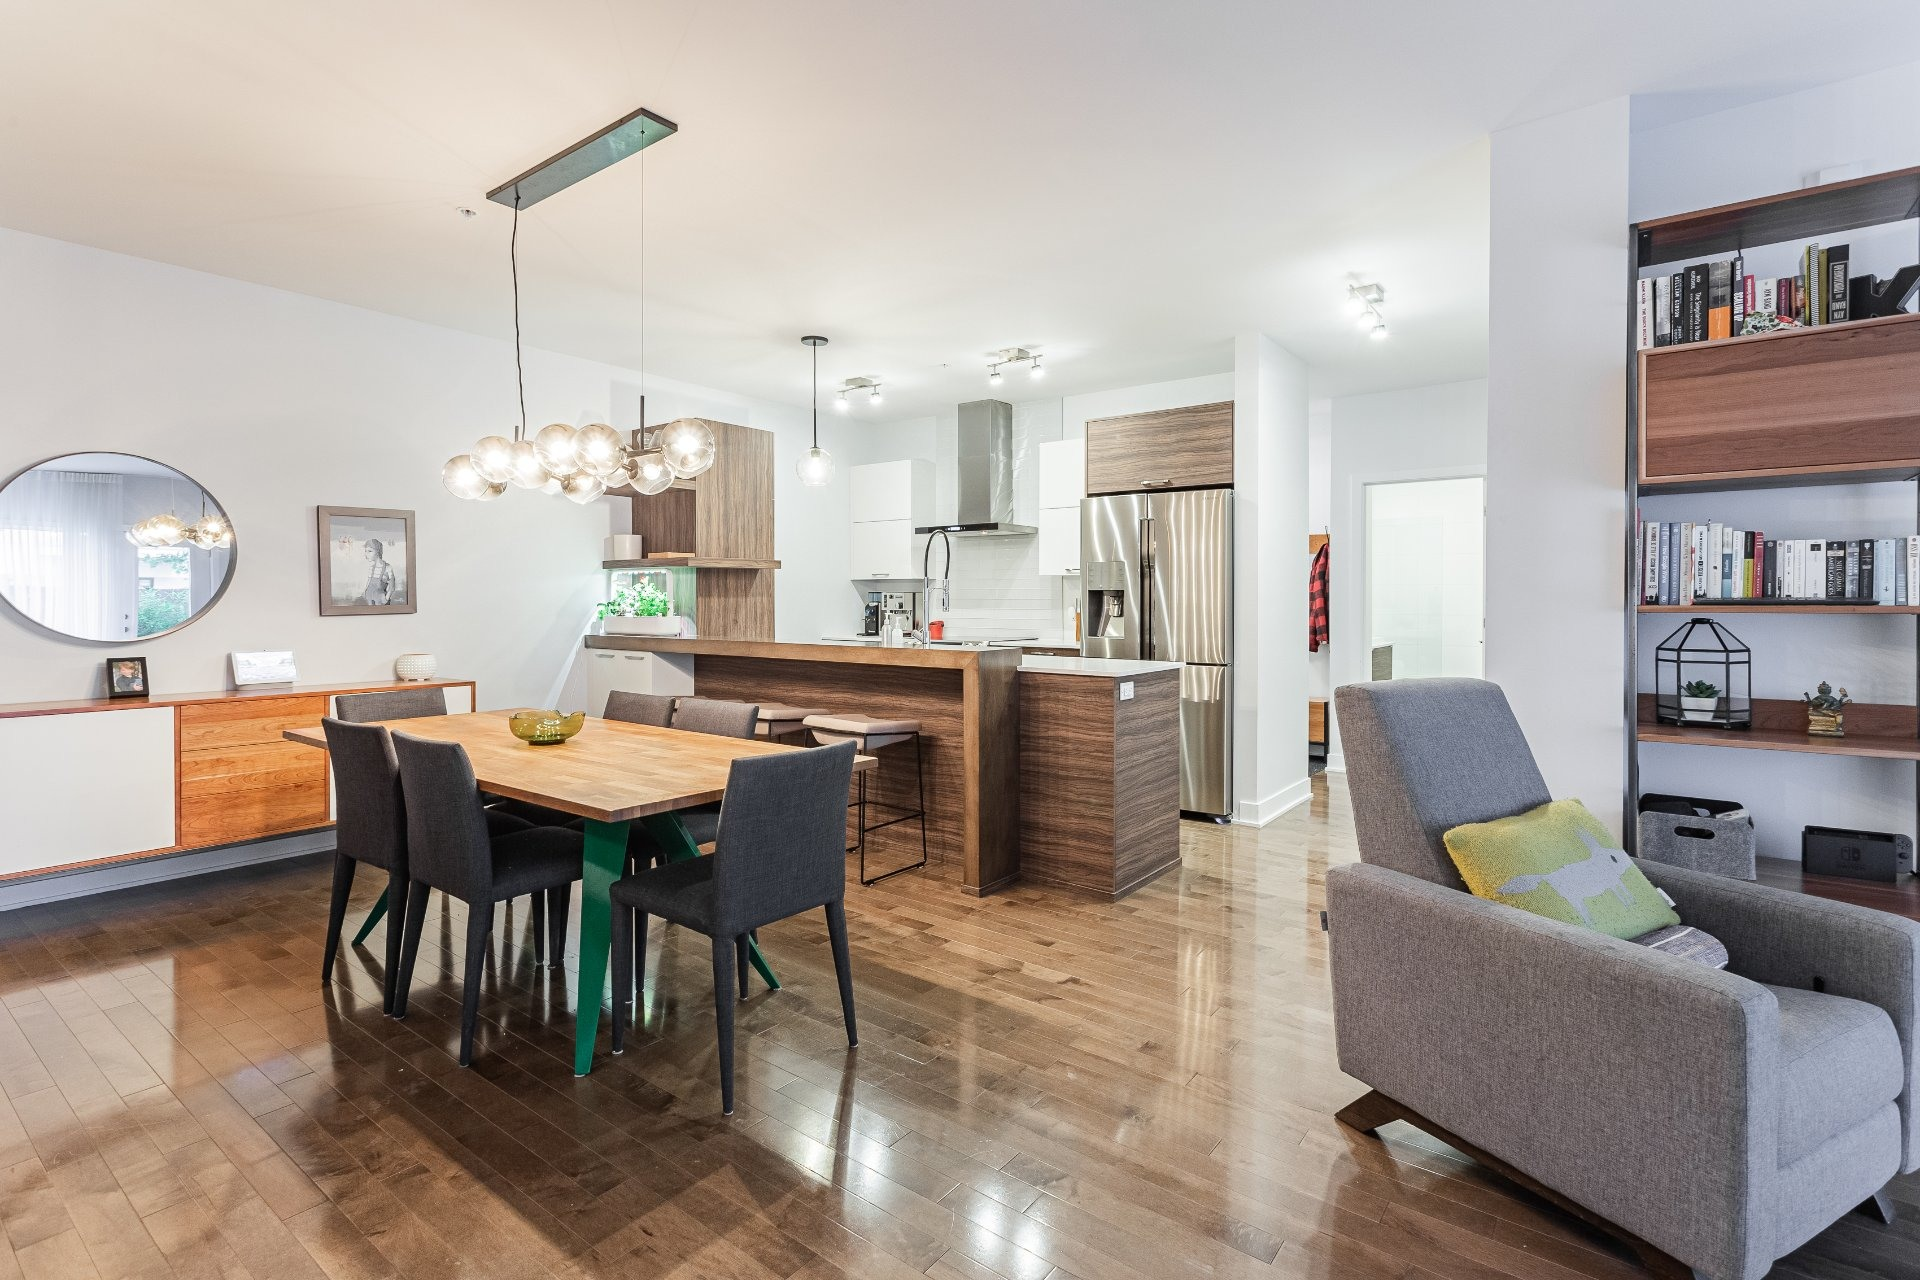 image 3 - Appartement À louer Rosemont/La Petite-Patrie Montréal  - 8 pièces